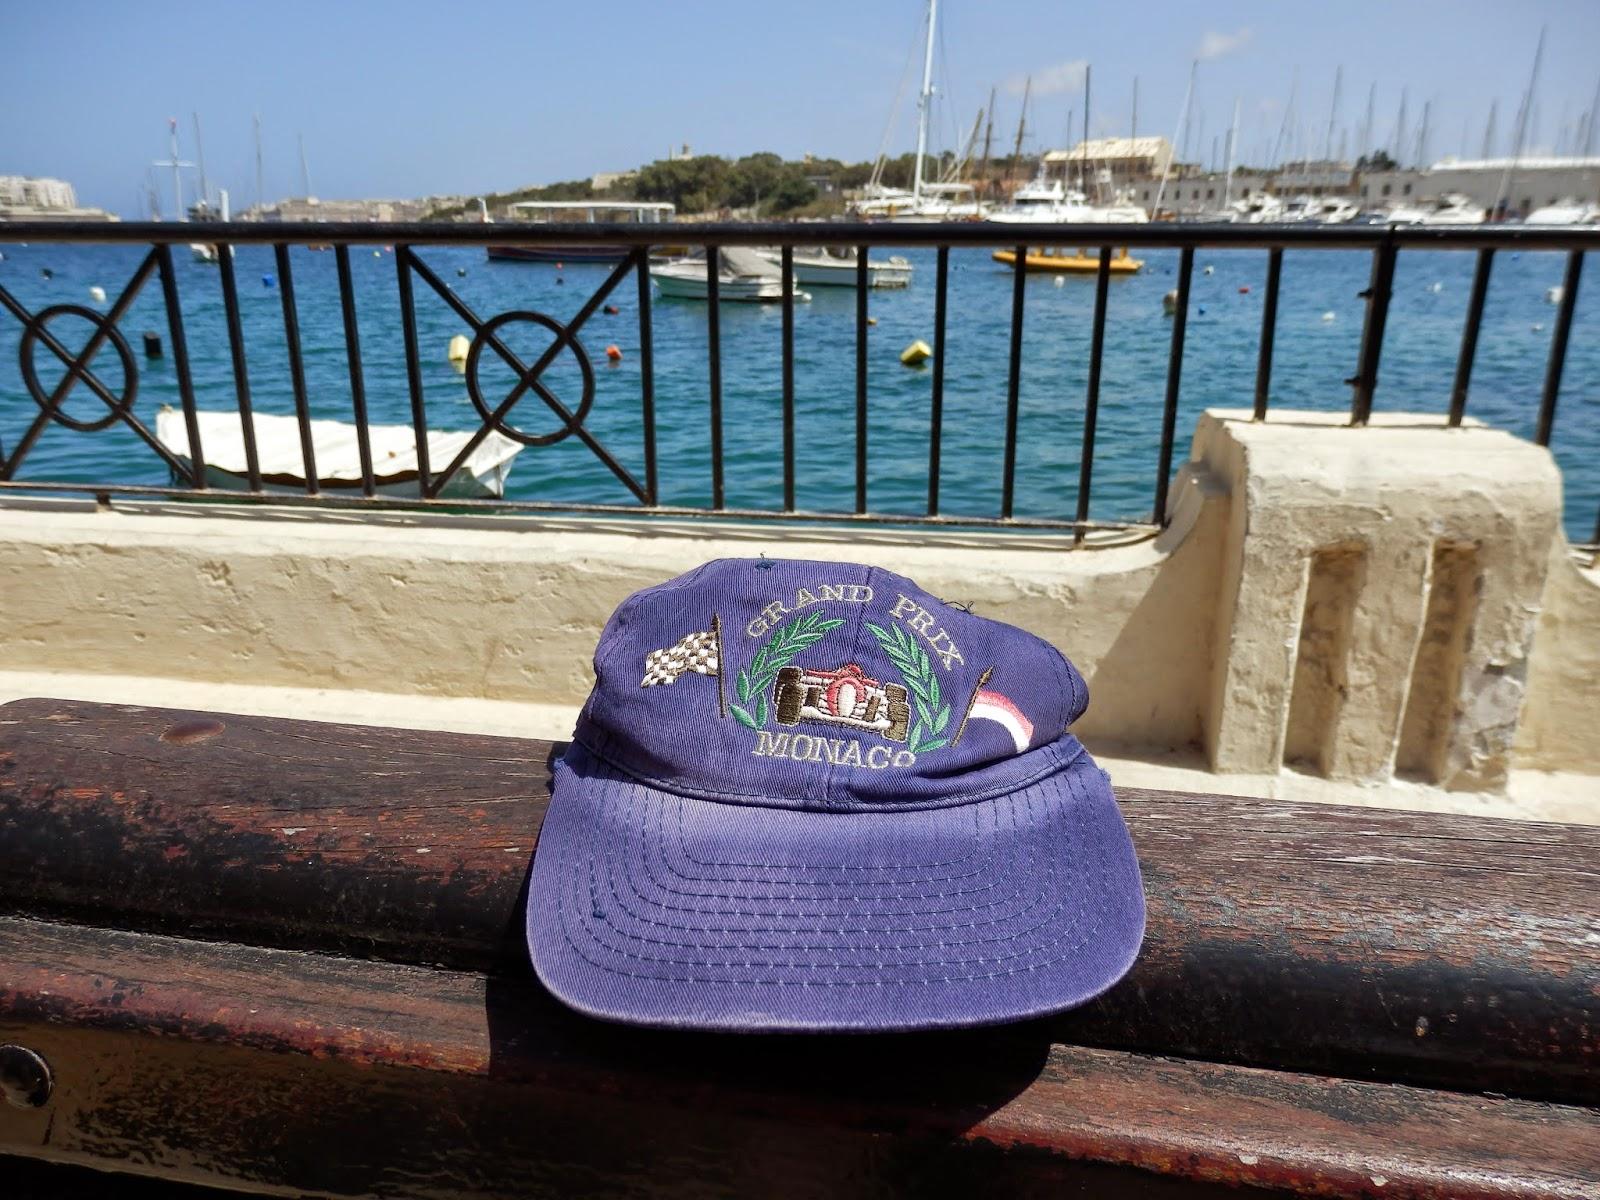 Grand Prix Monaco hat